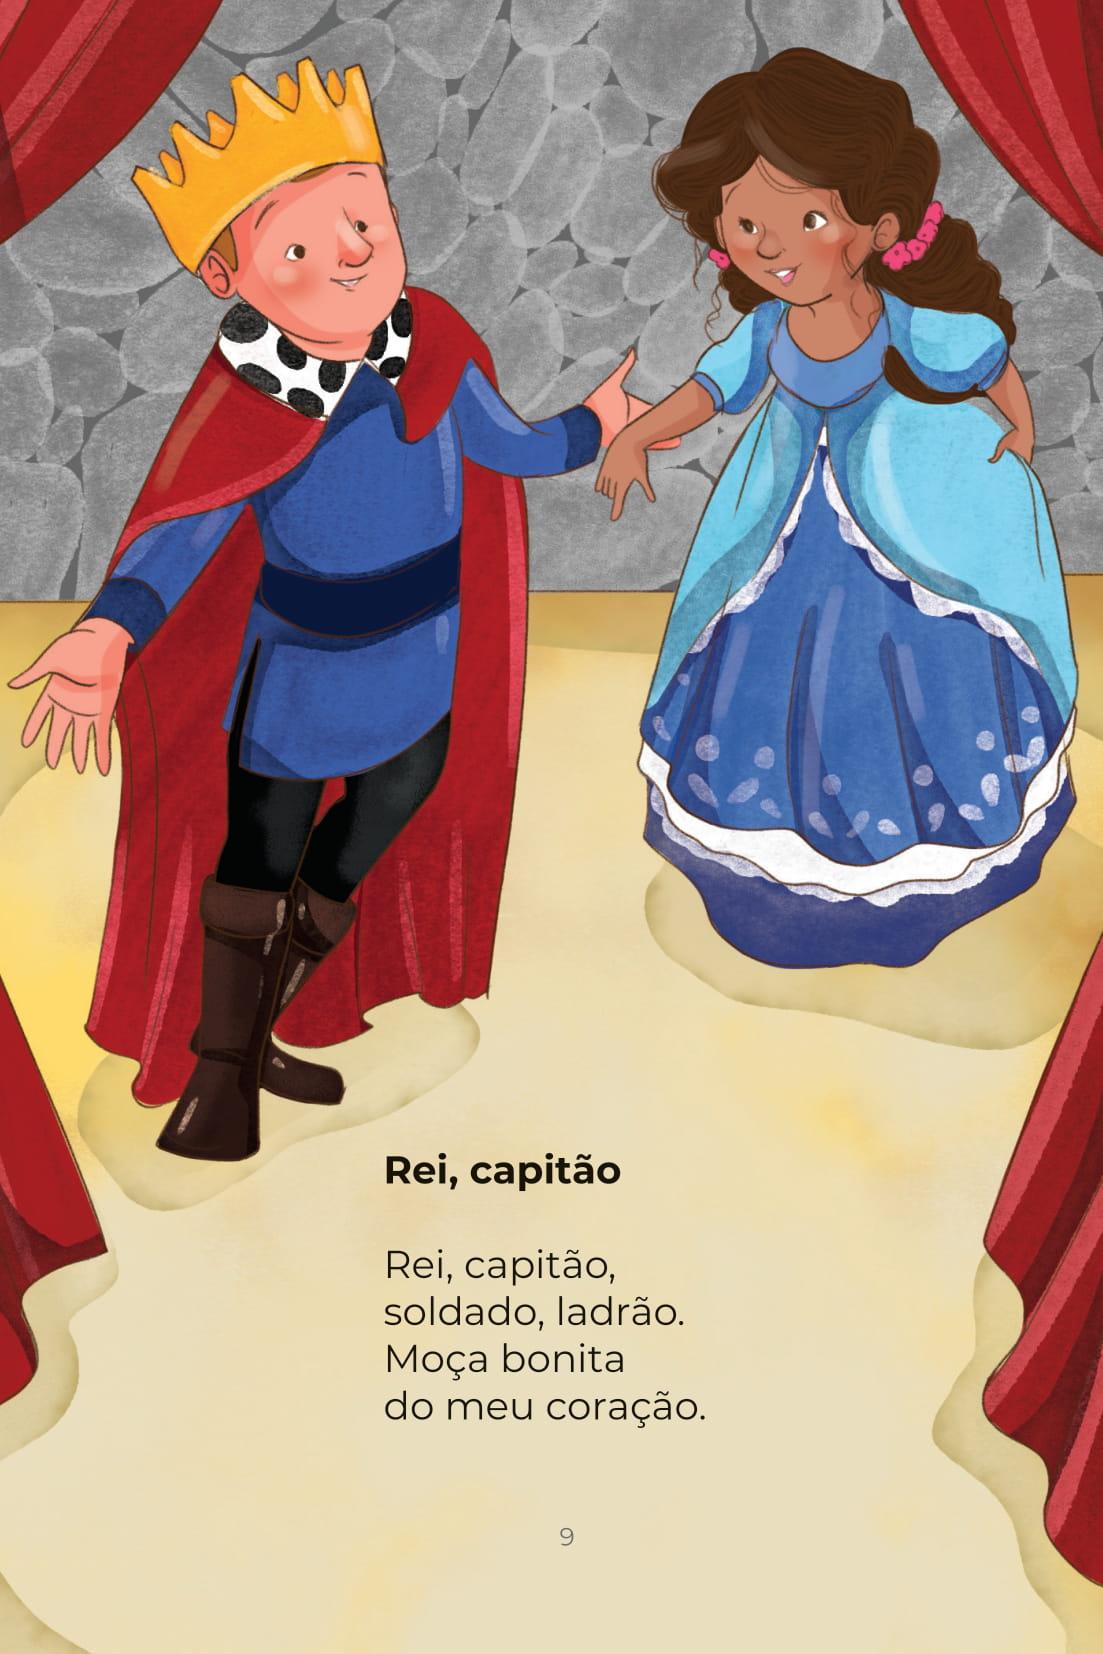 Rei, capitão